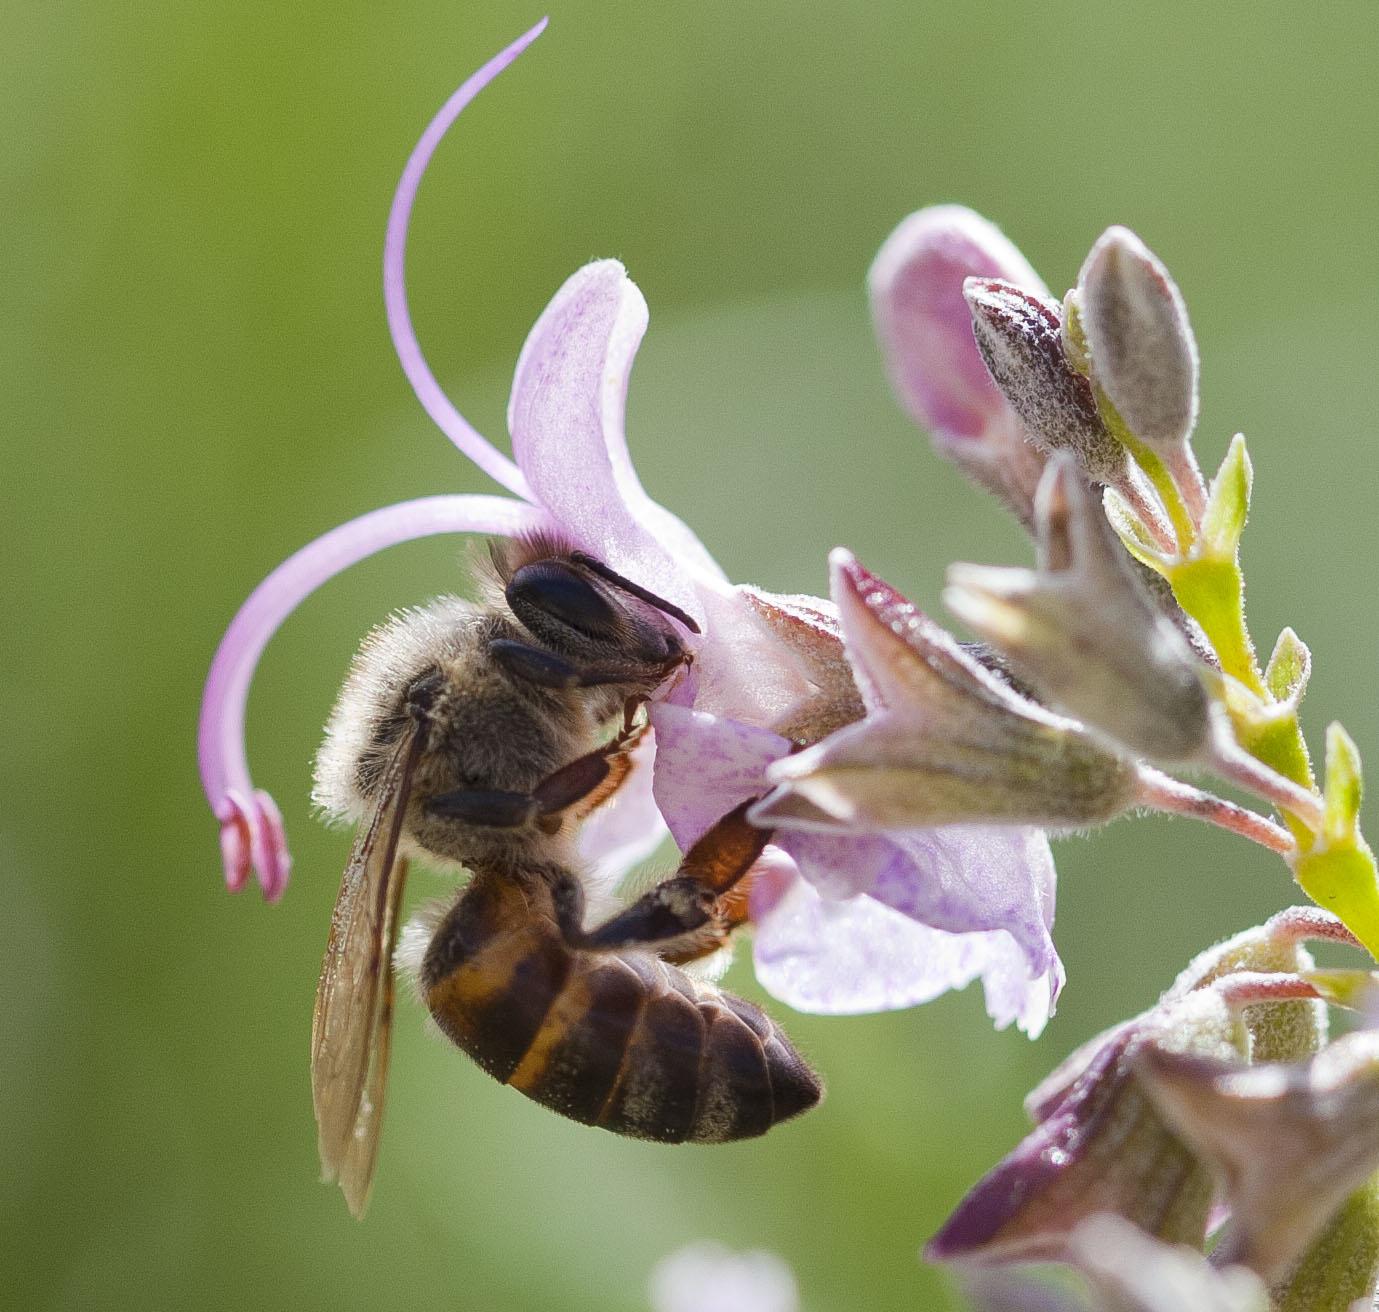 Honey Bee on a Rosemary flower.